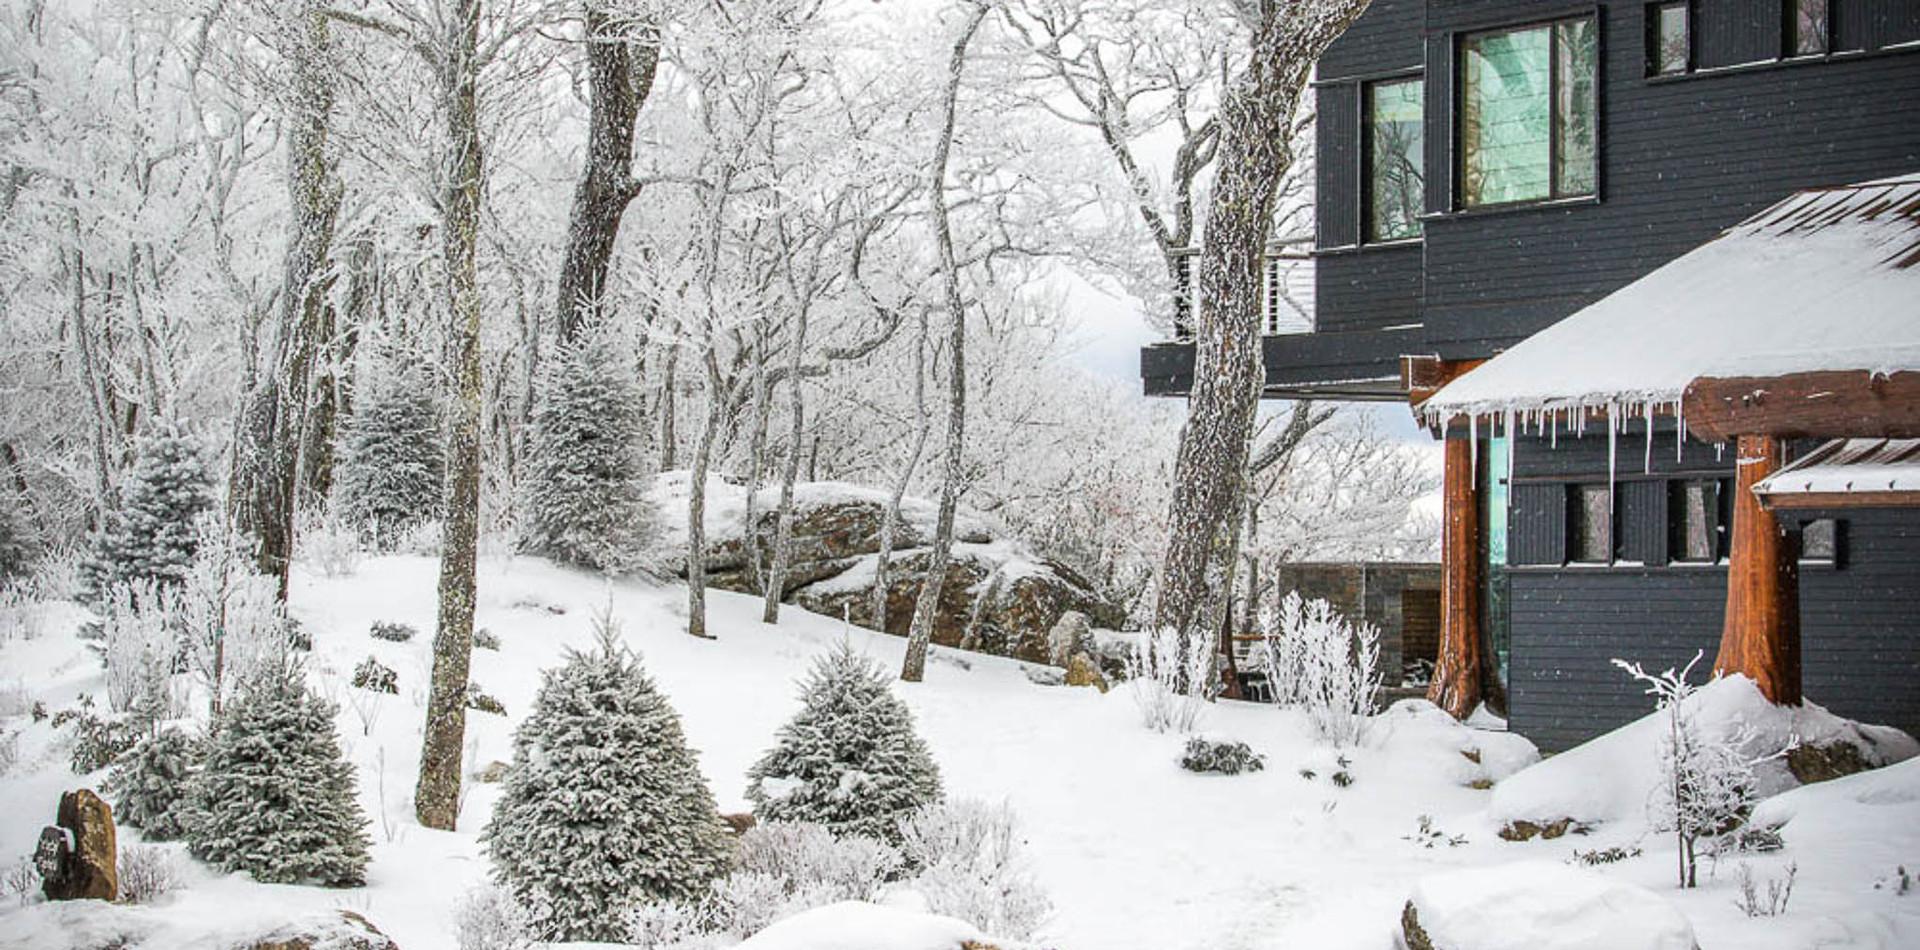 Eagles Nest Snow 2021-071.jpg